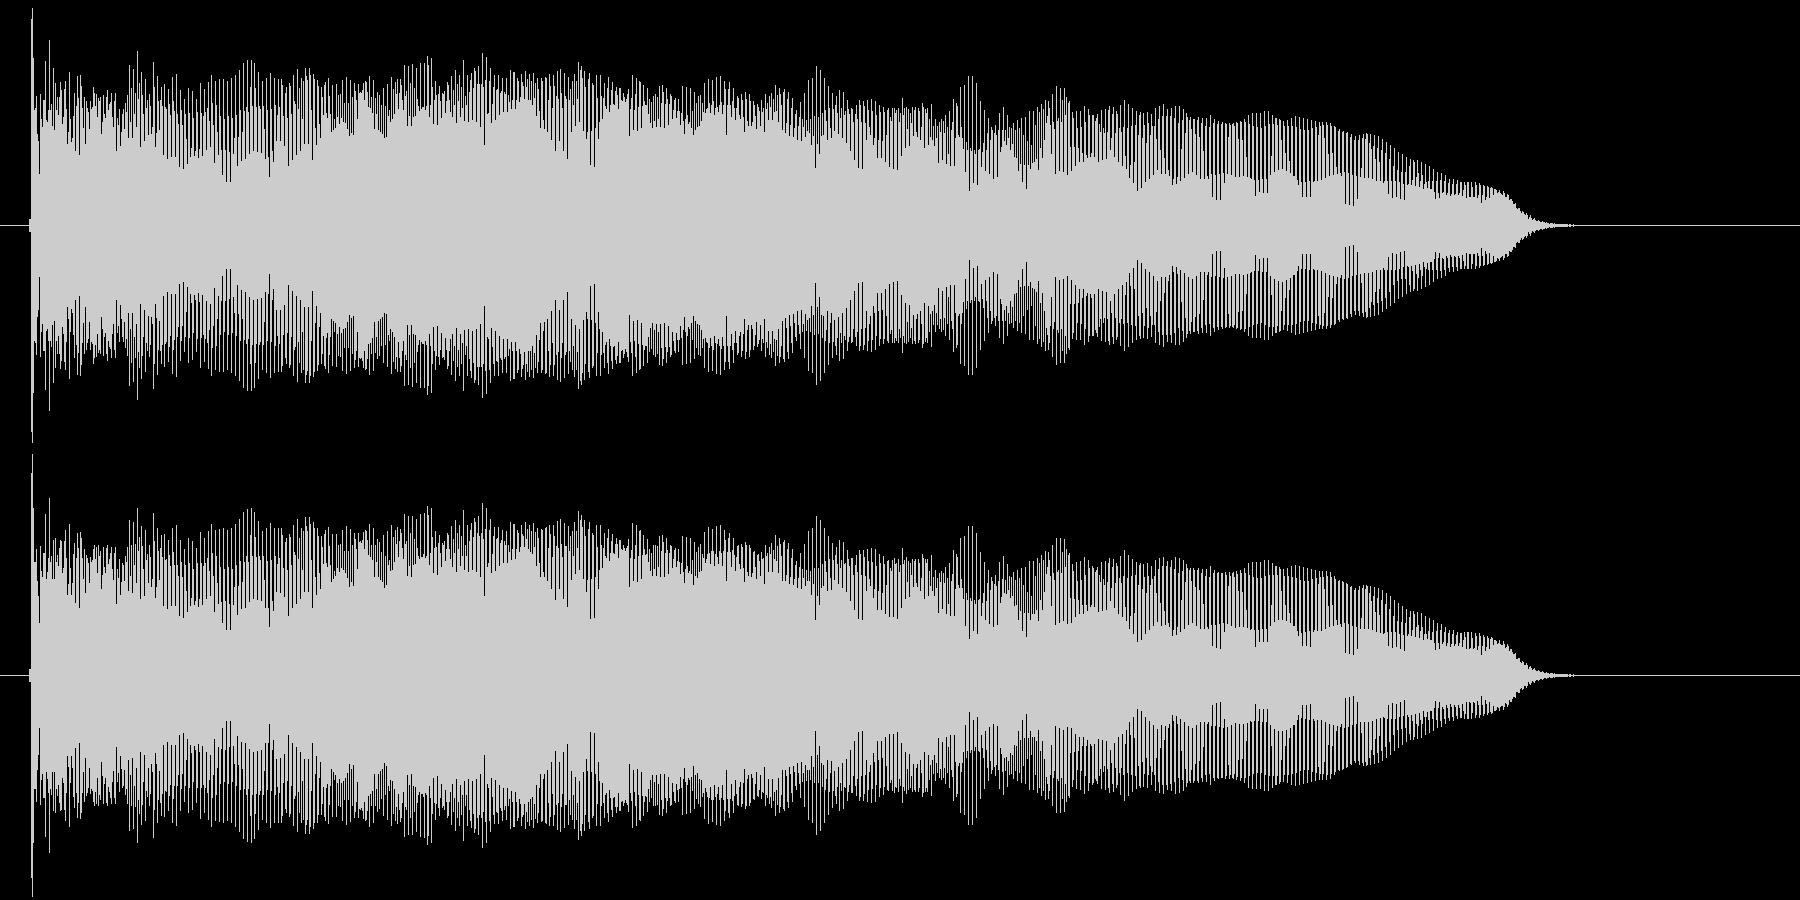 ワープをする音の未再生の波形